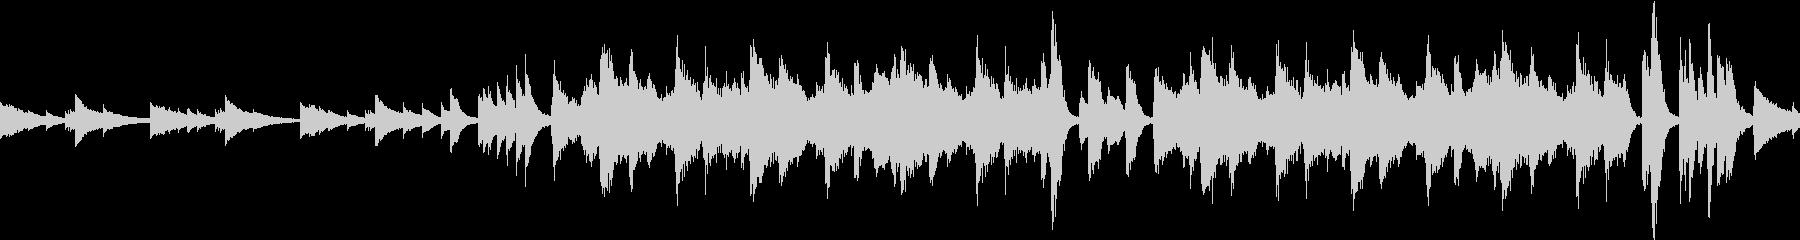 ミステリアスな鉄琴とストリングス ループの未再生の波形